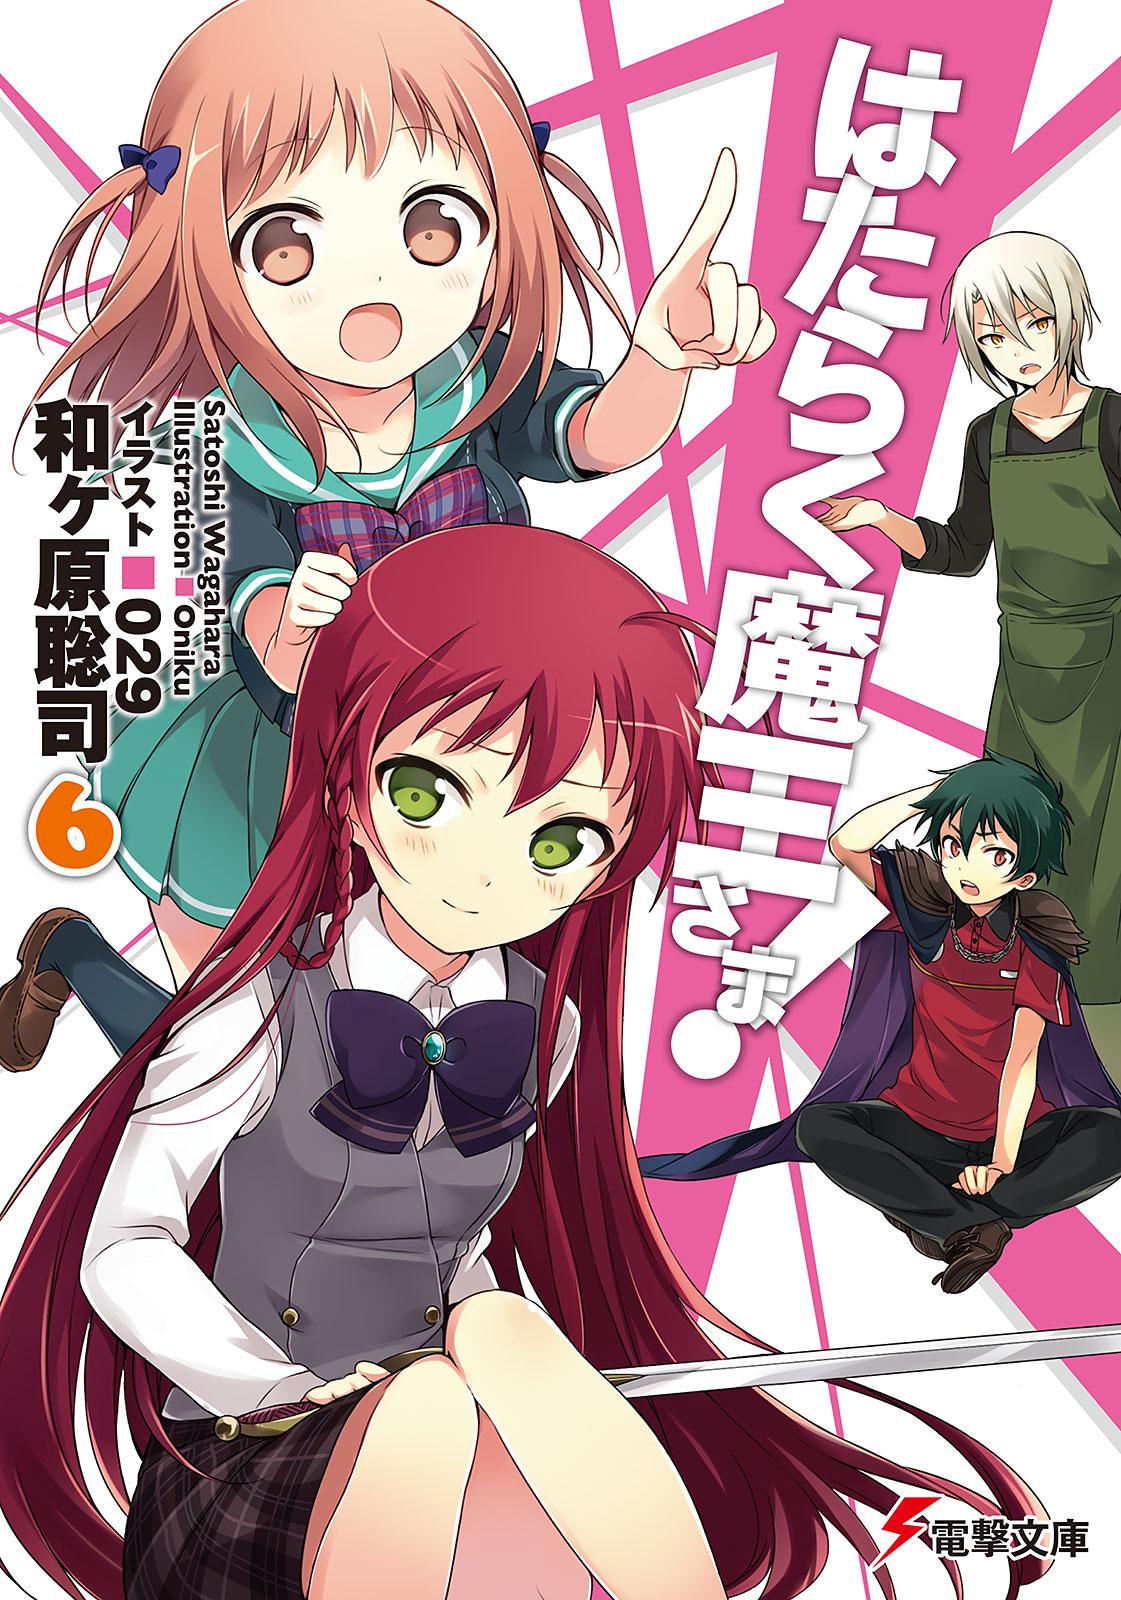 Hataraku Maou-sama Light Novel Pdf